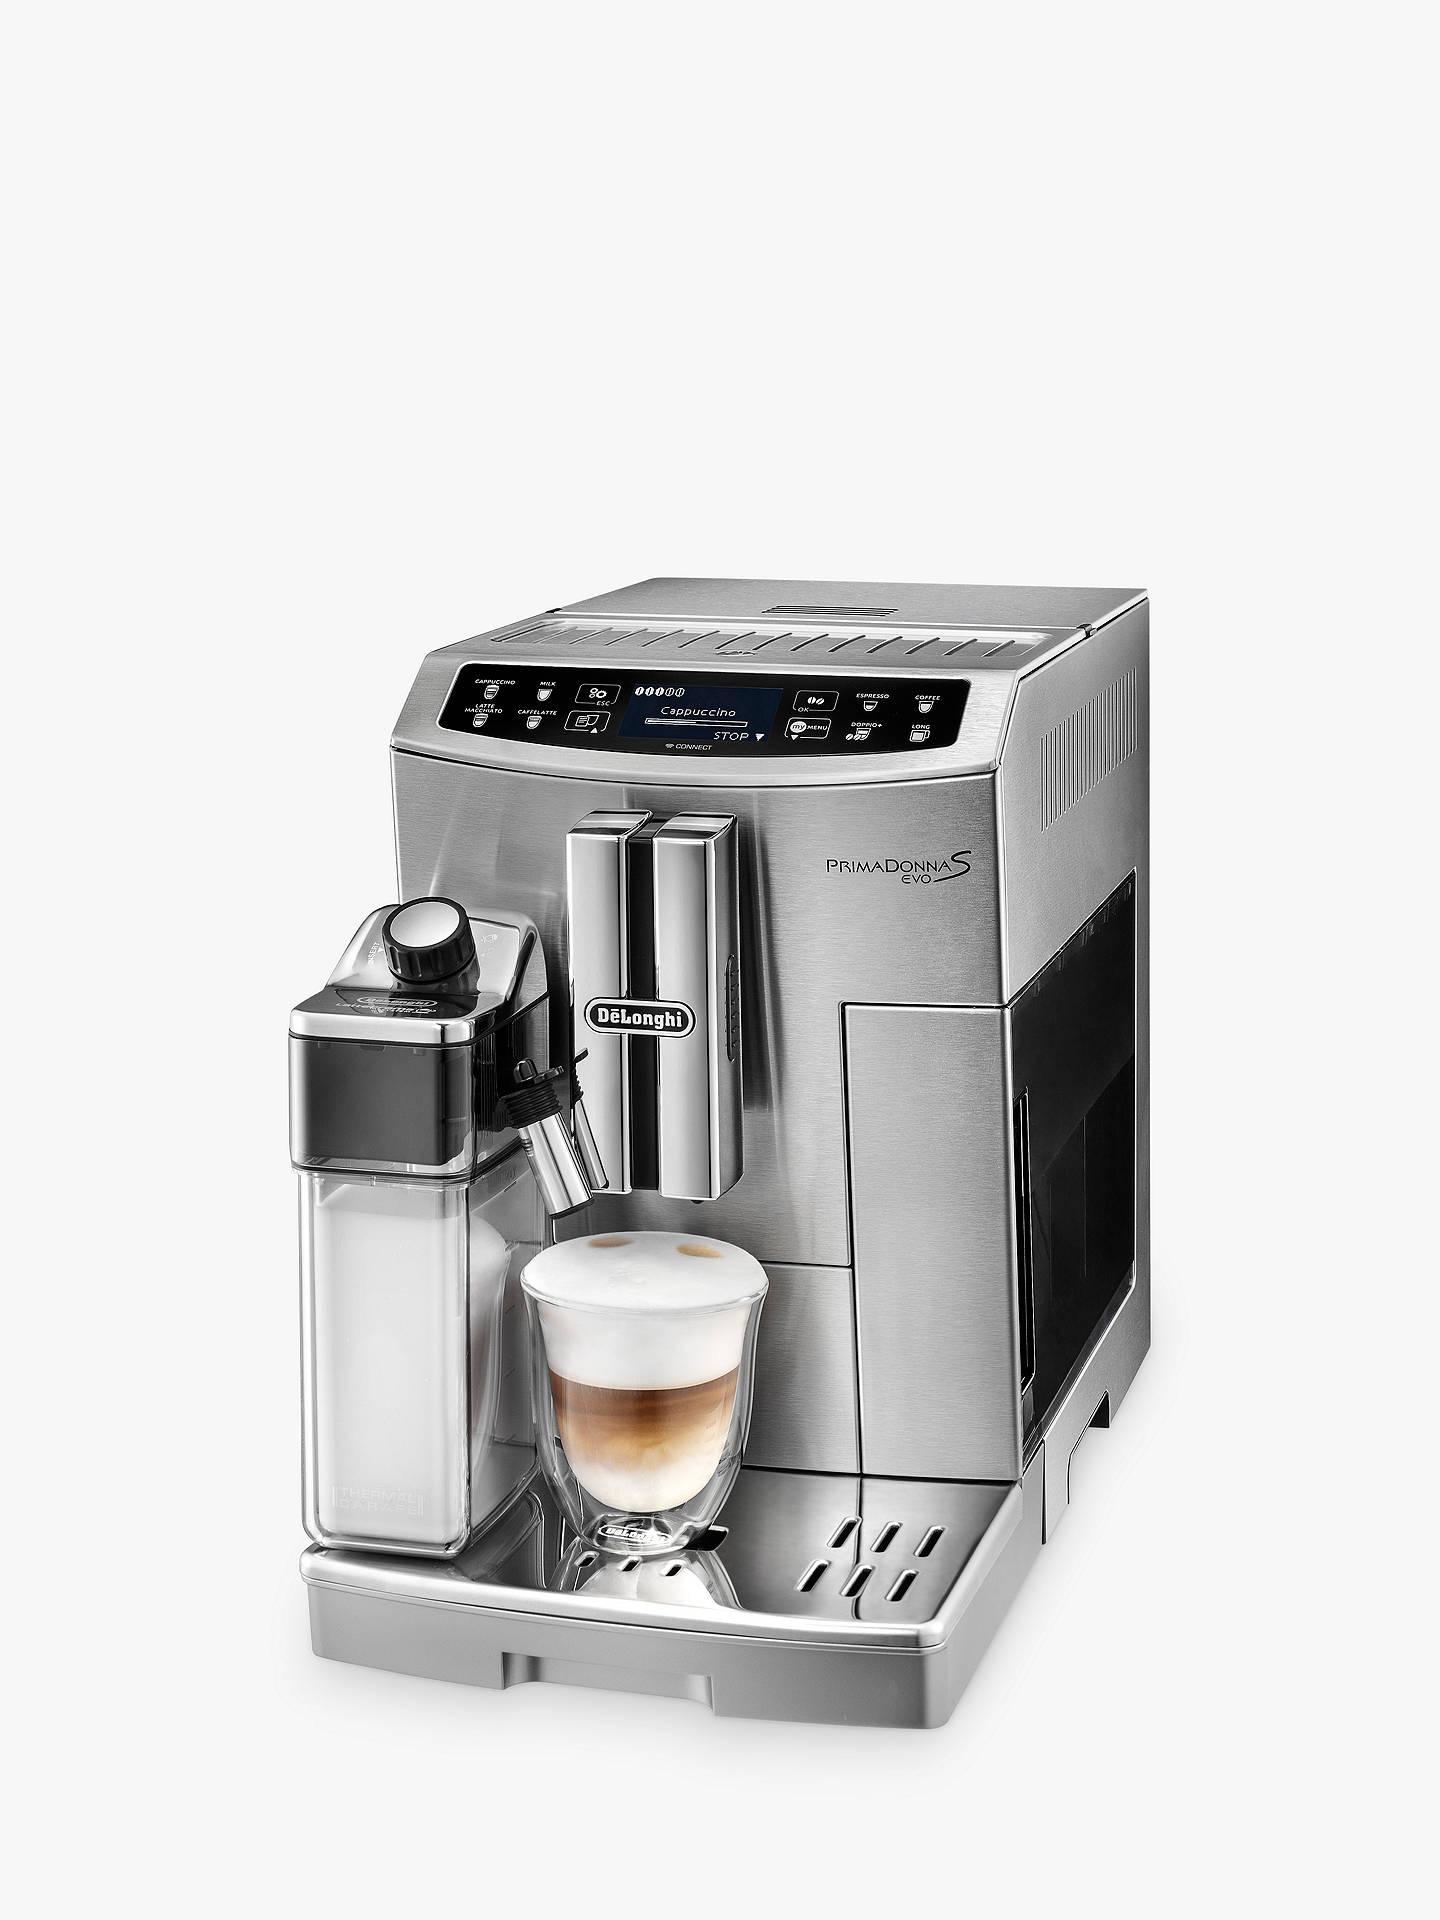 Delonghi Ecam 51055 Primadonna S Evo Bean To Cup Coffee Machine Silver